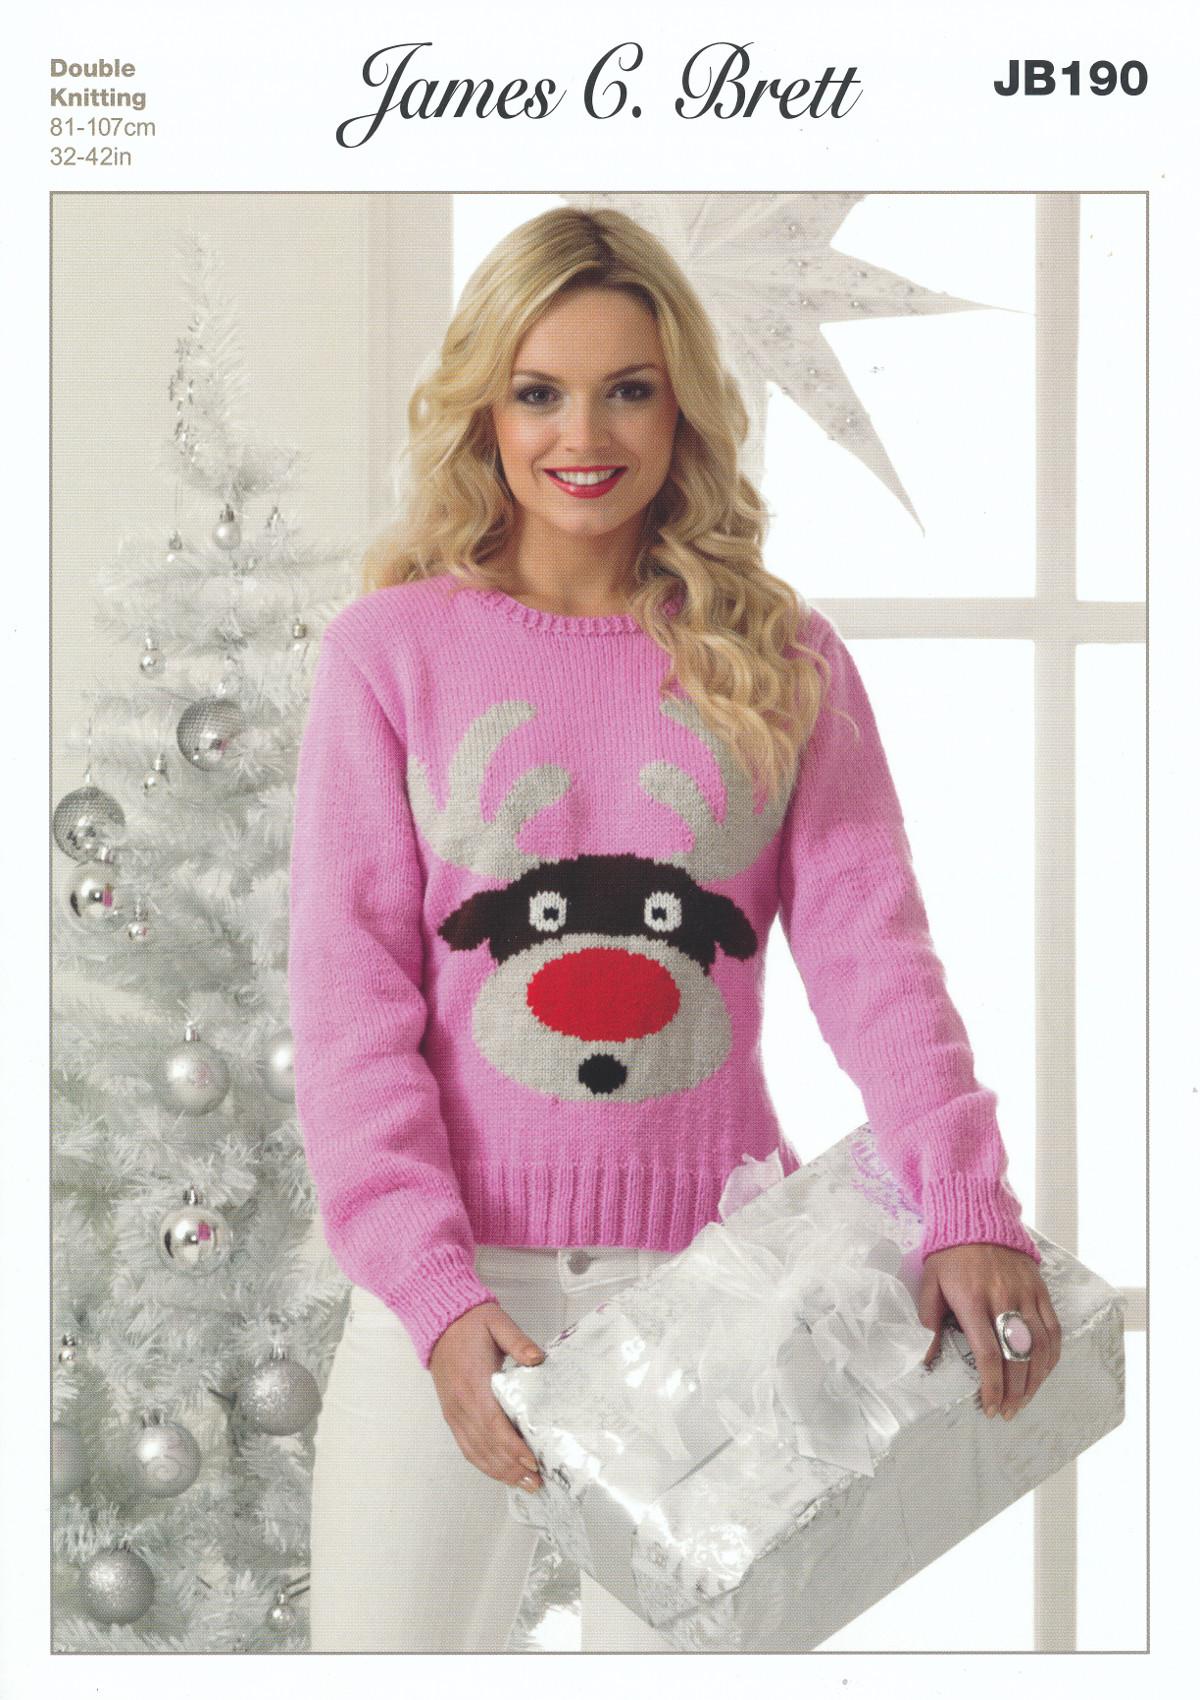 Ladies Top Value DK Knitting Pattern Christmas Reindeer Jumper James Brett JB190